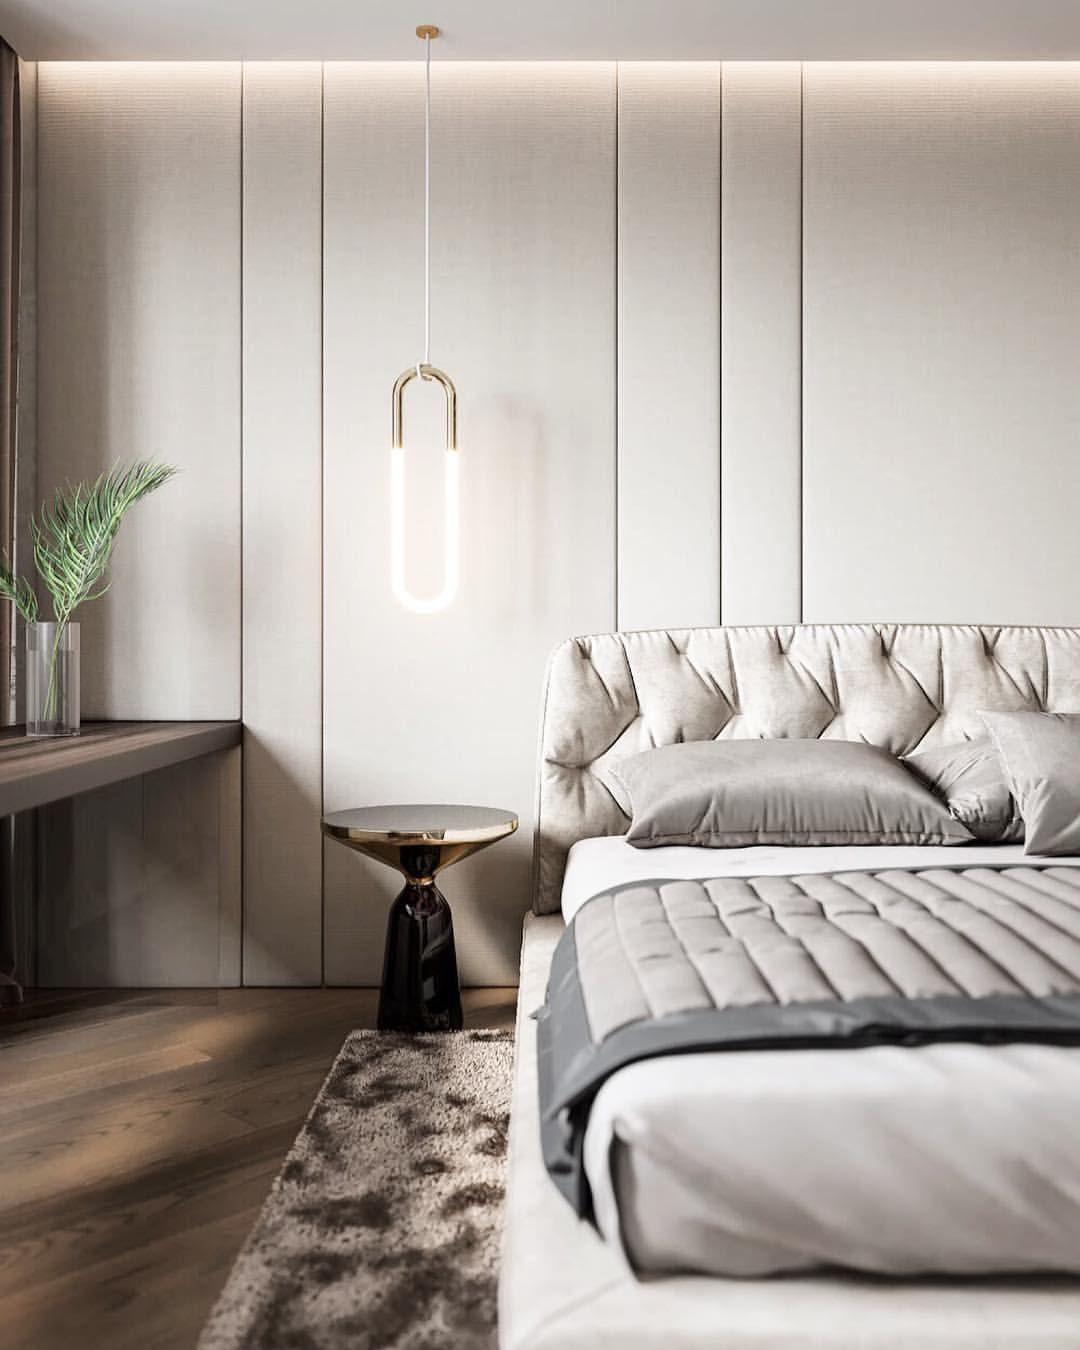 современные спальни дизайн: Пин от пользователя Lili на доске Спальня в 2019 г